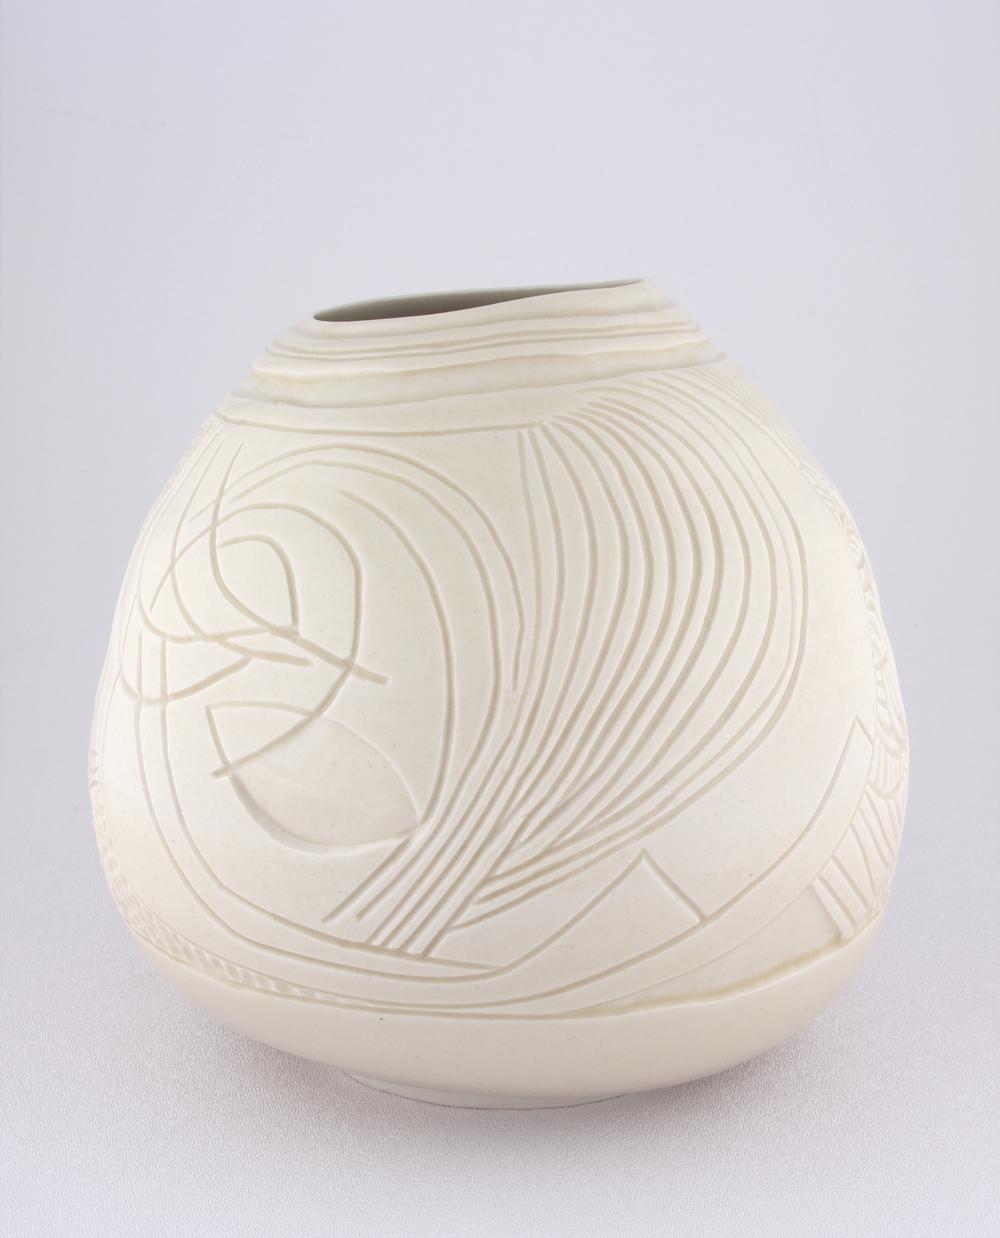 """Shio Kusaka Untitled (freestyle 2) 2008 Porcelain 7 1/2"""" x 7 1/4"""" SK047"""